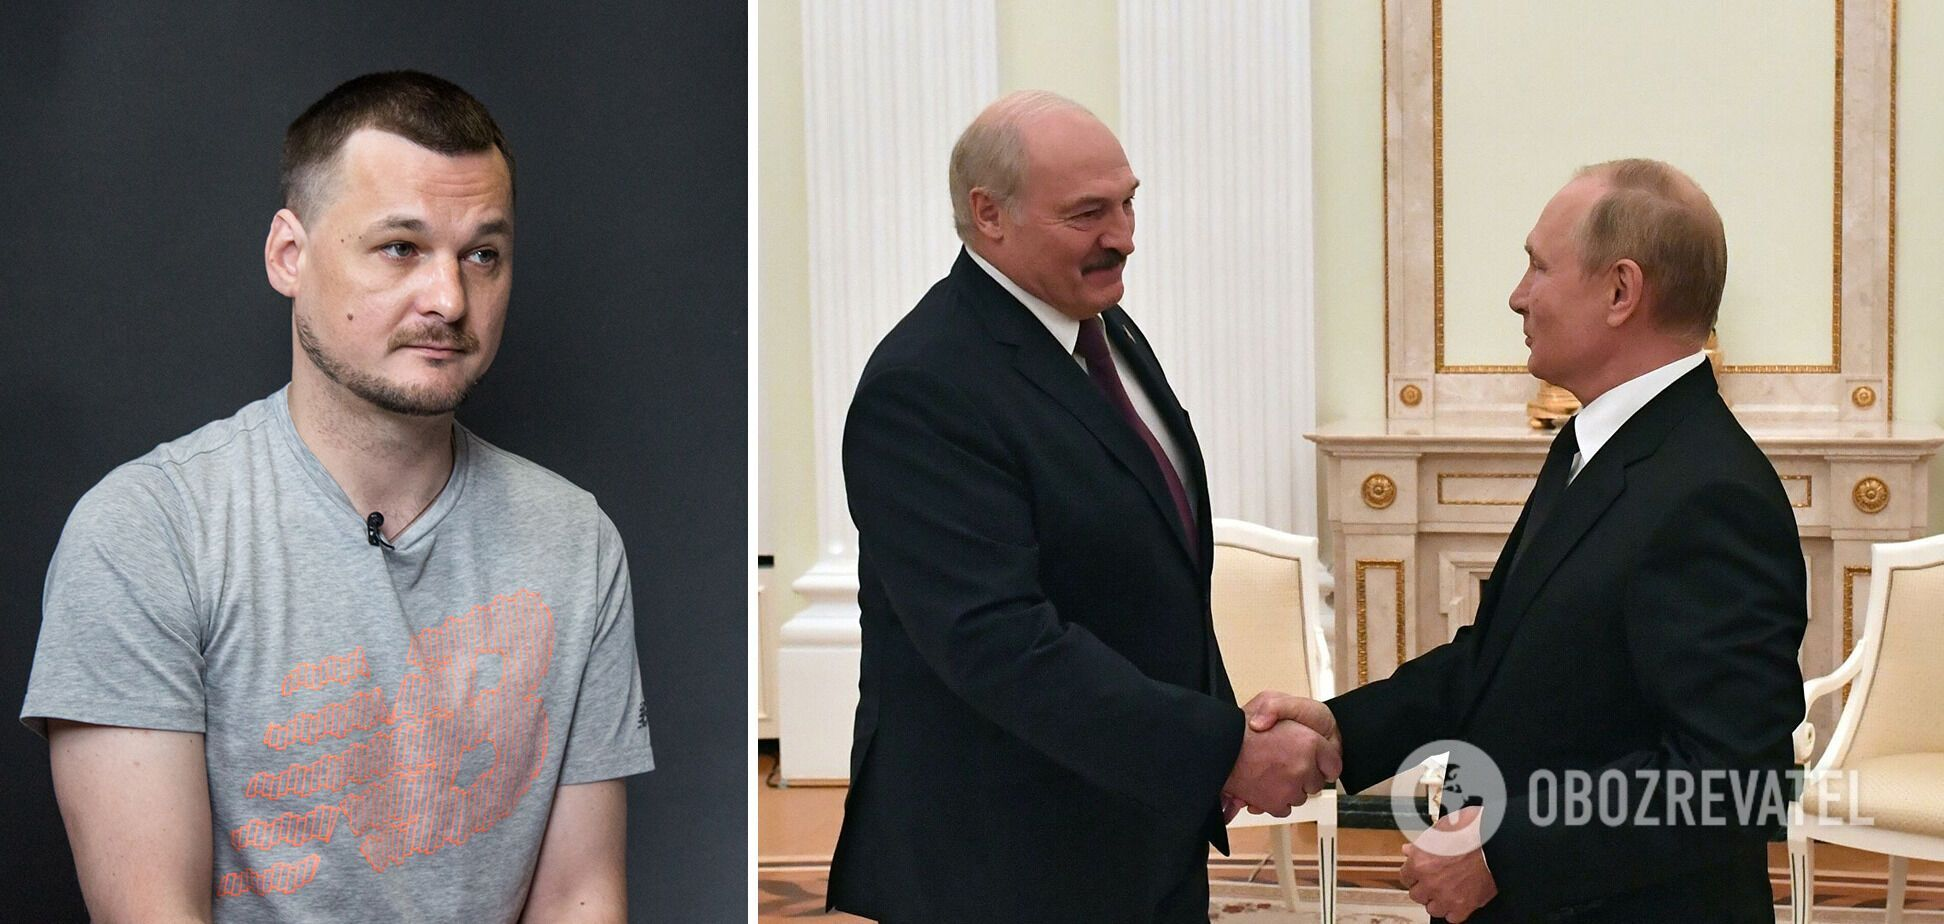 Яковина отметил, что Путин мог быть на шаманских обрядах перед встречей с Лукашенко